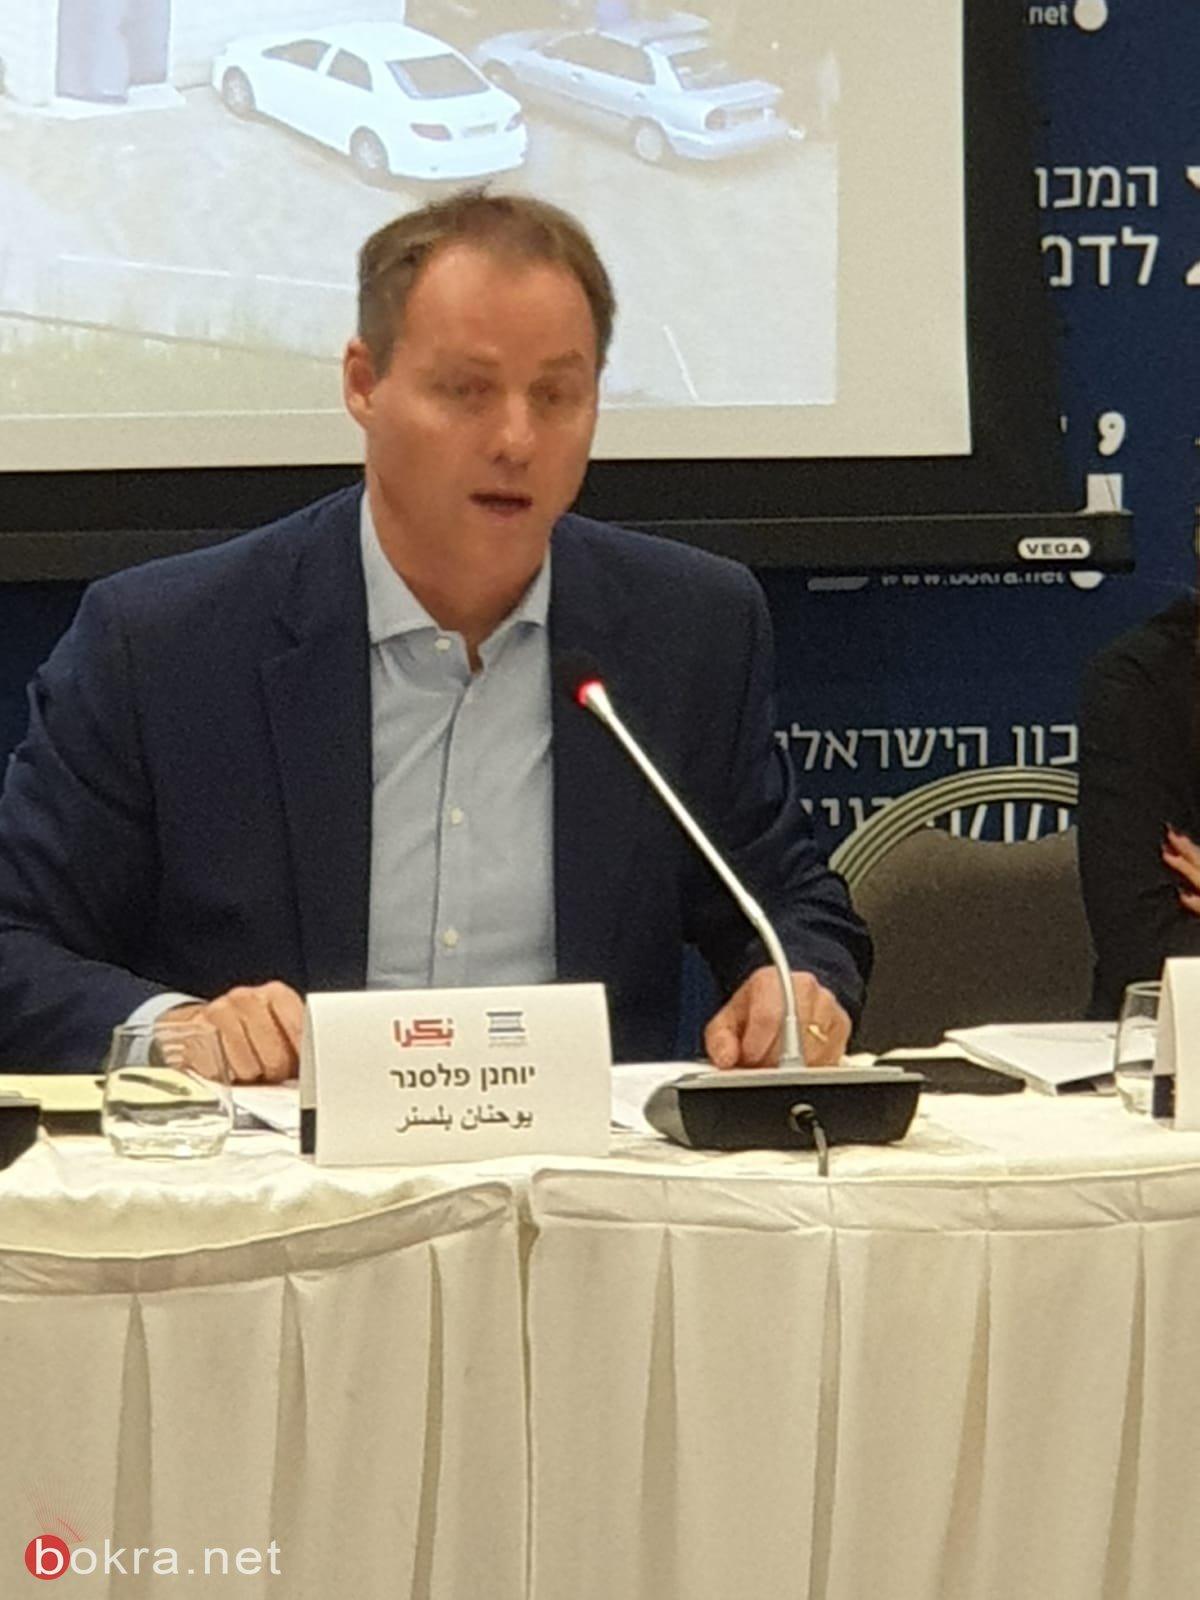 العنف في المجتمع العربي، أسبابه، والحلول لمكافحته؟ .. يوم دراسي في الناصرة-42